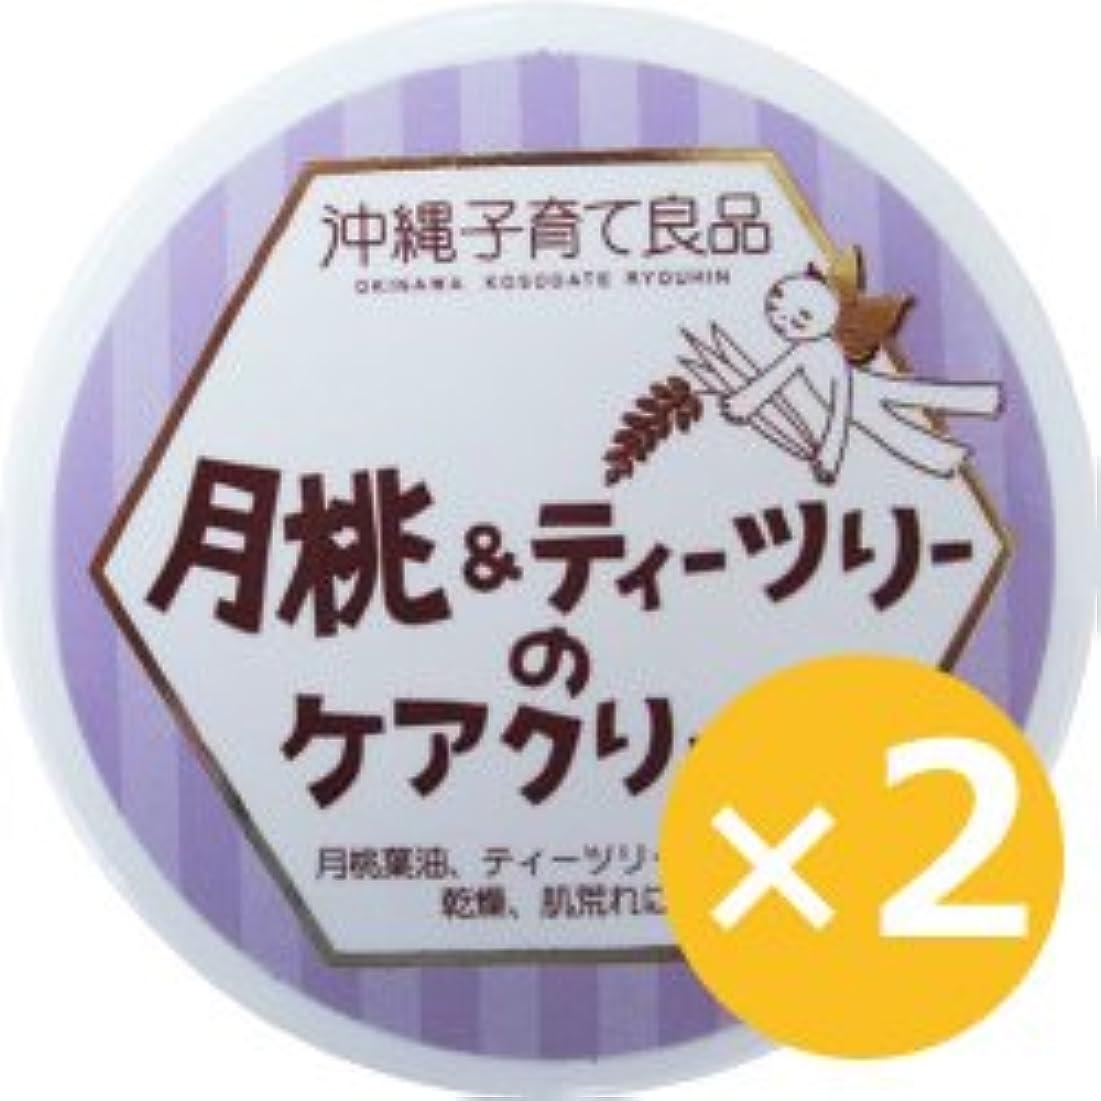 モディッシュヒットオークランド月桃&ティーツリークリーム 25g×2